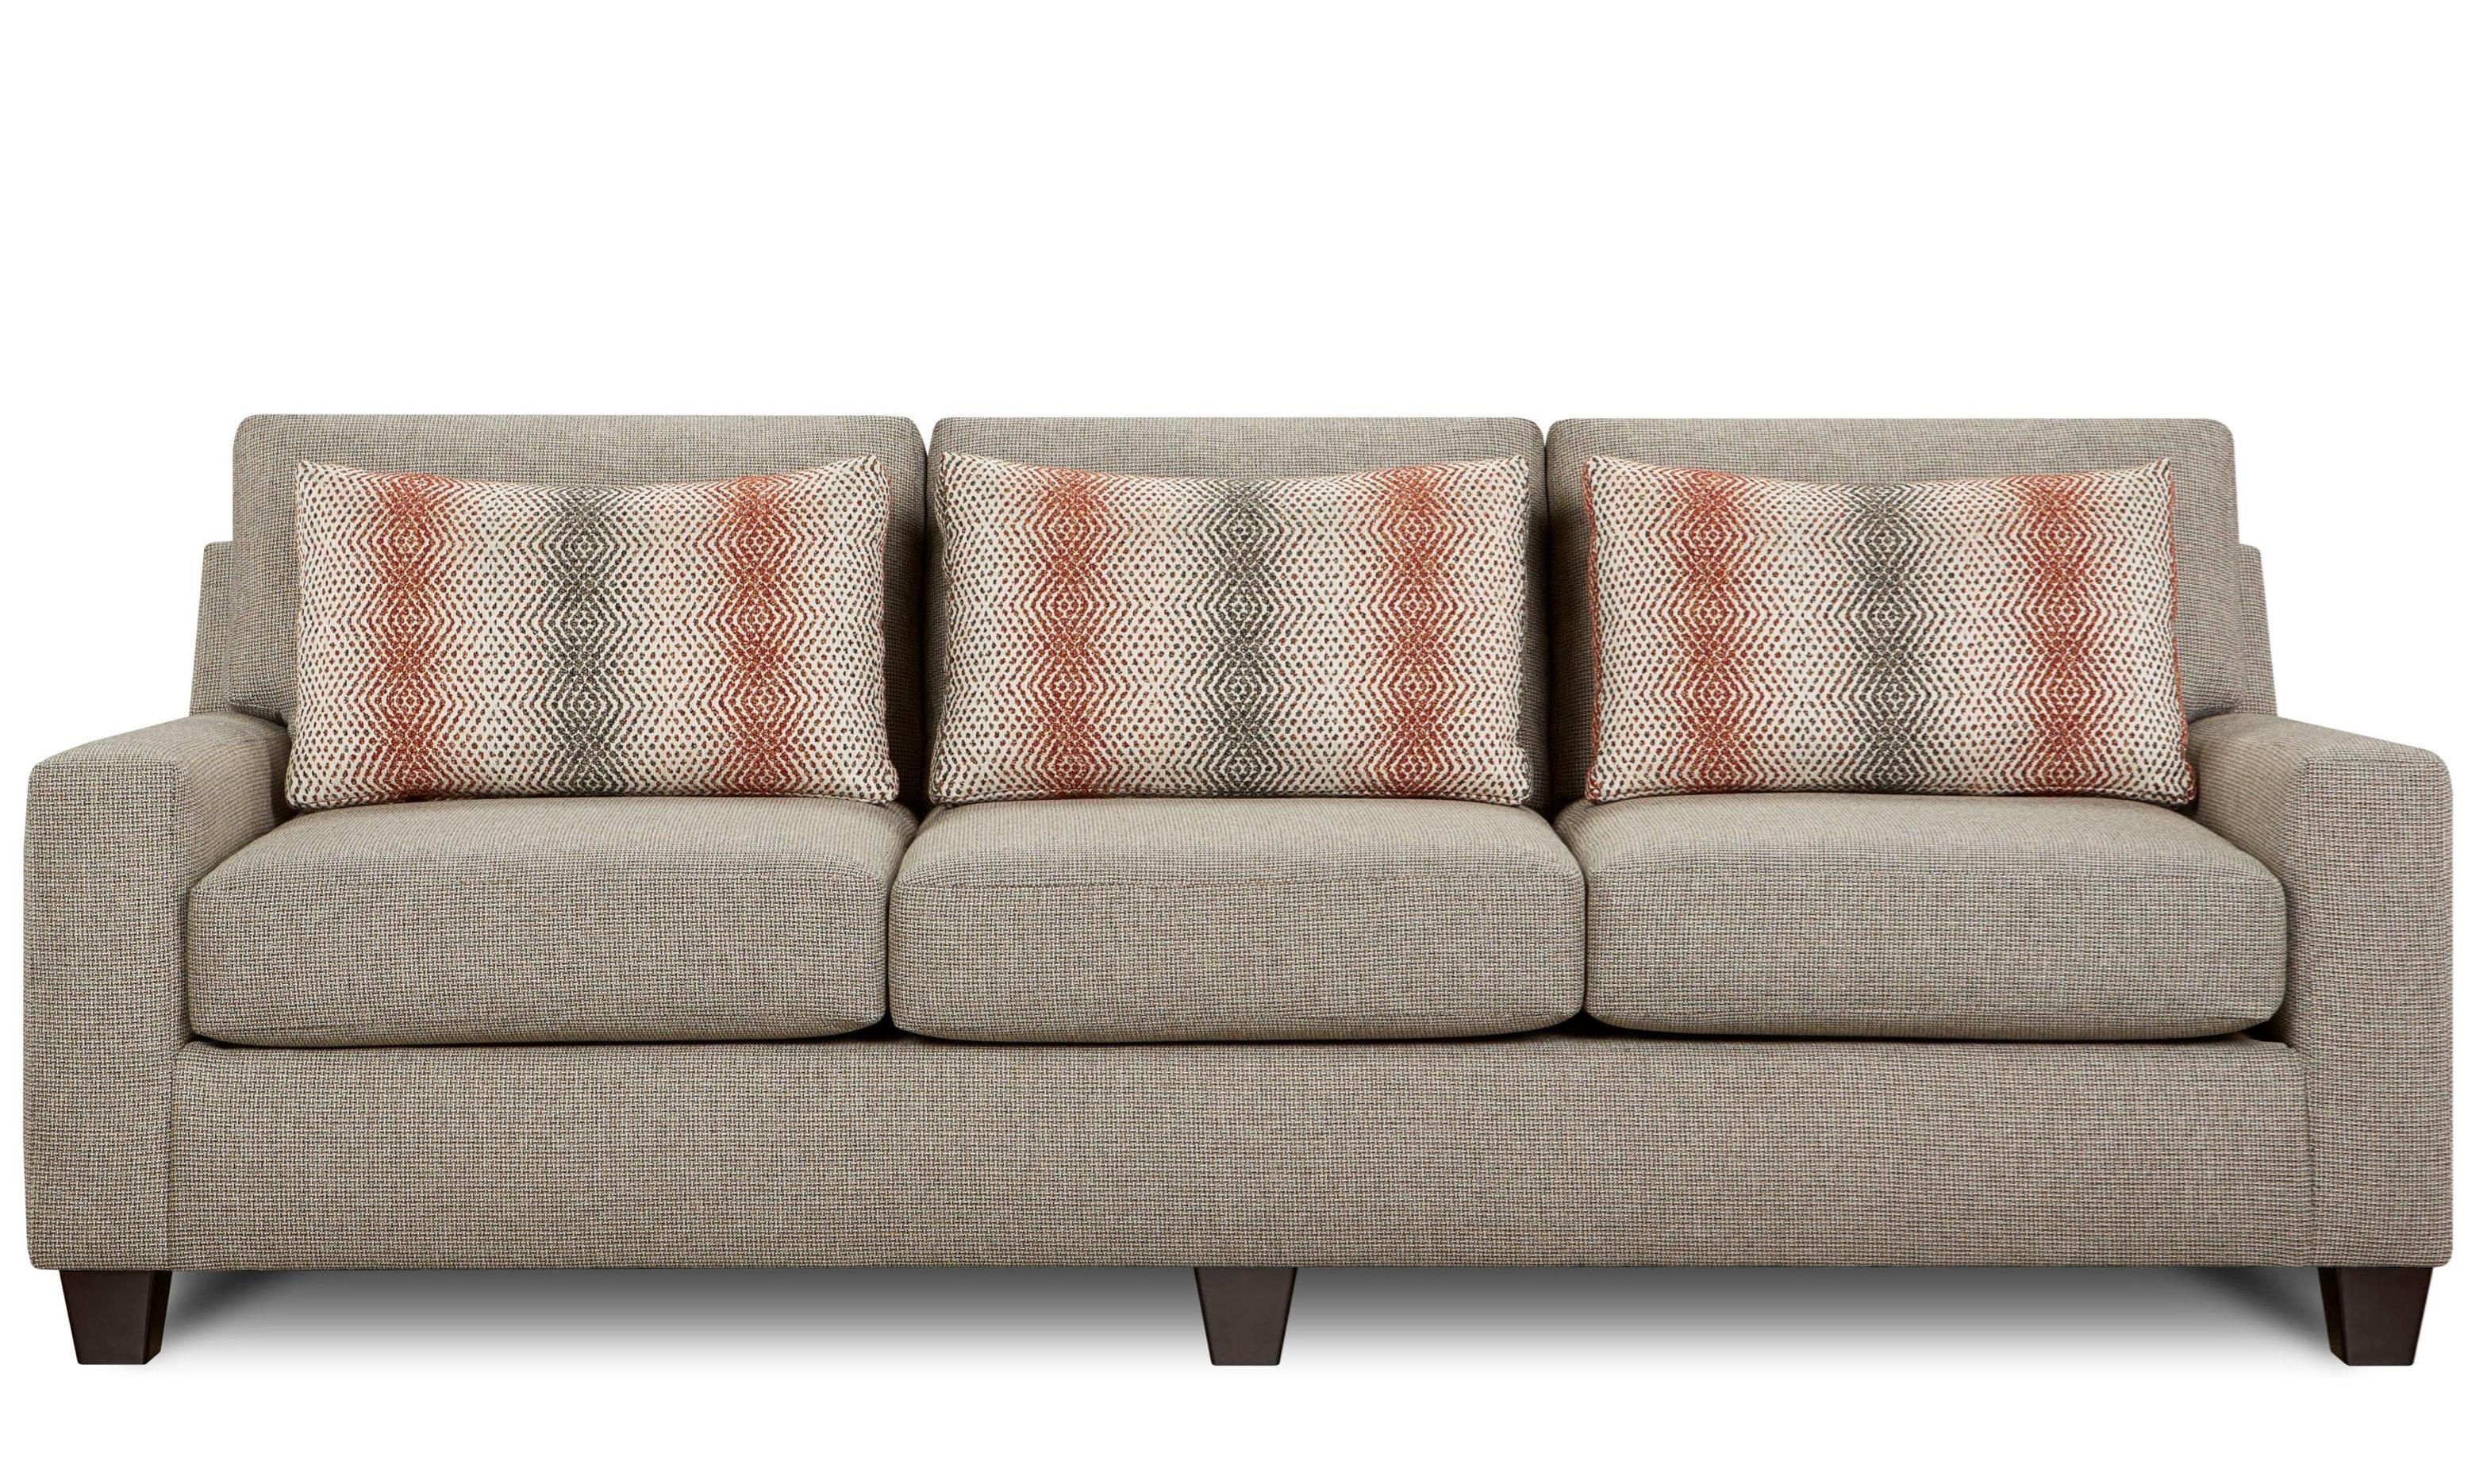 VFM Signature 3320 Sofa - Item Number: 3320Caliente Pepper